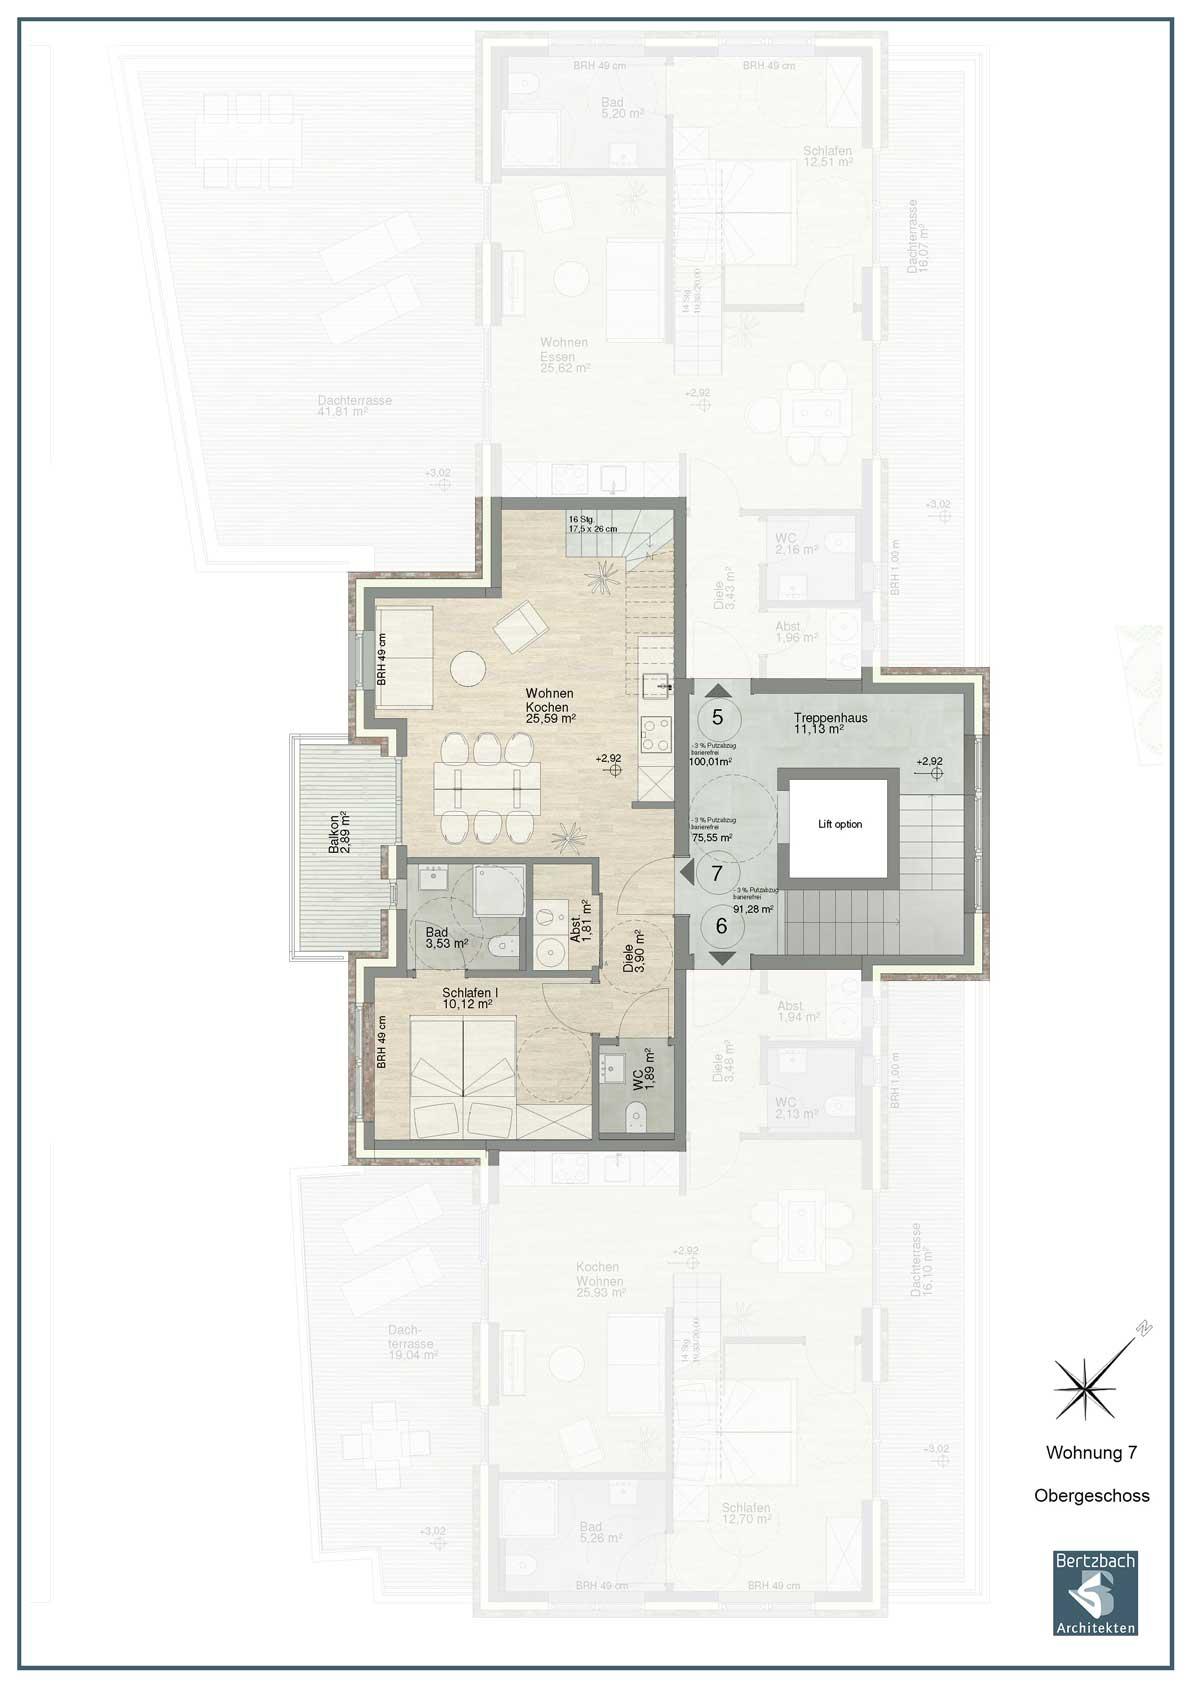 Wohnung 7 Obergeschoss